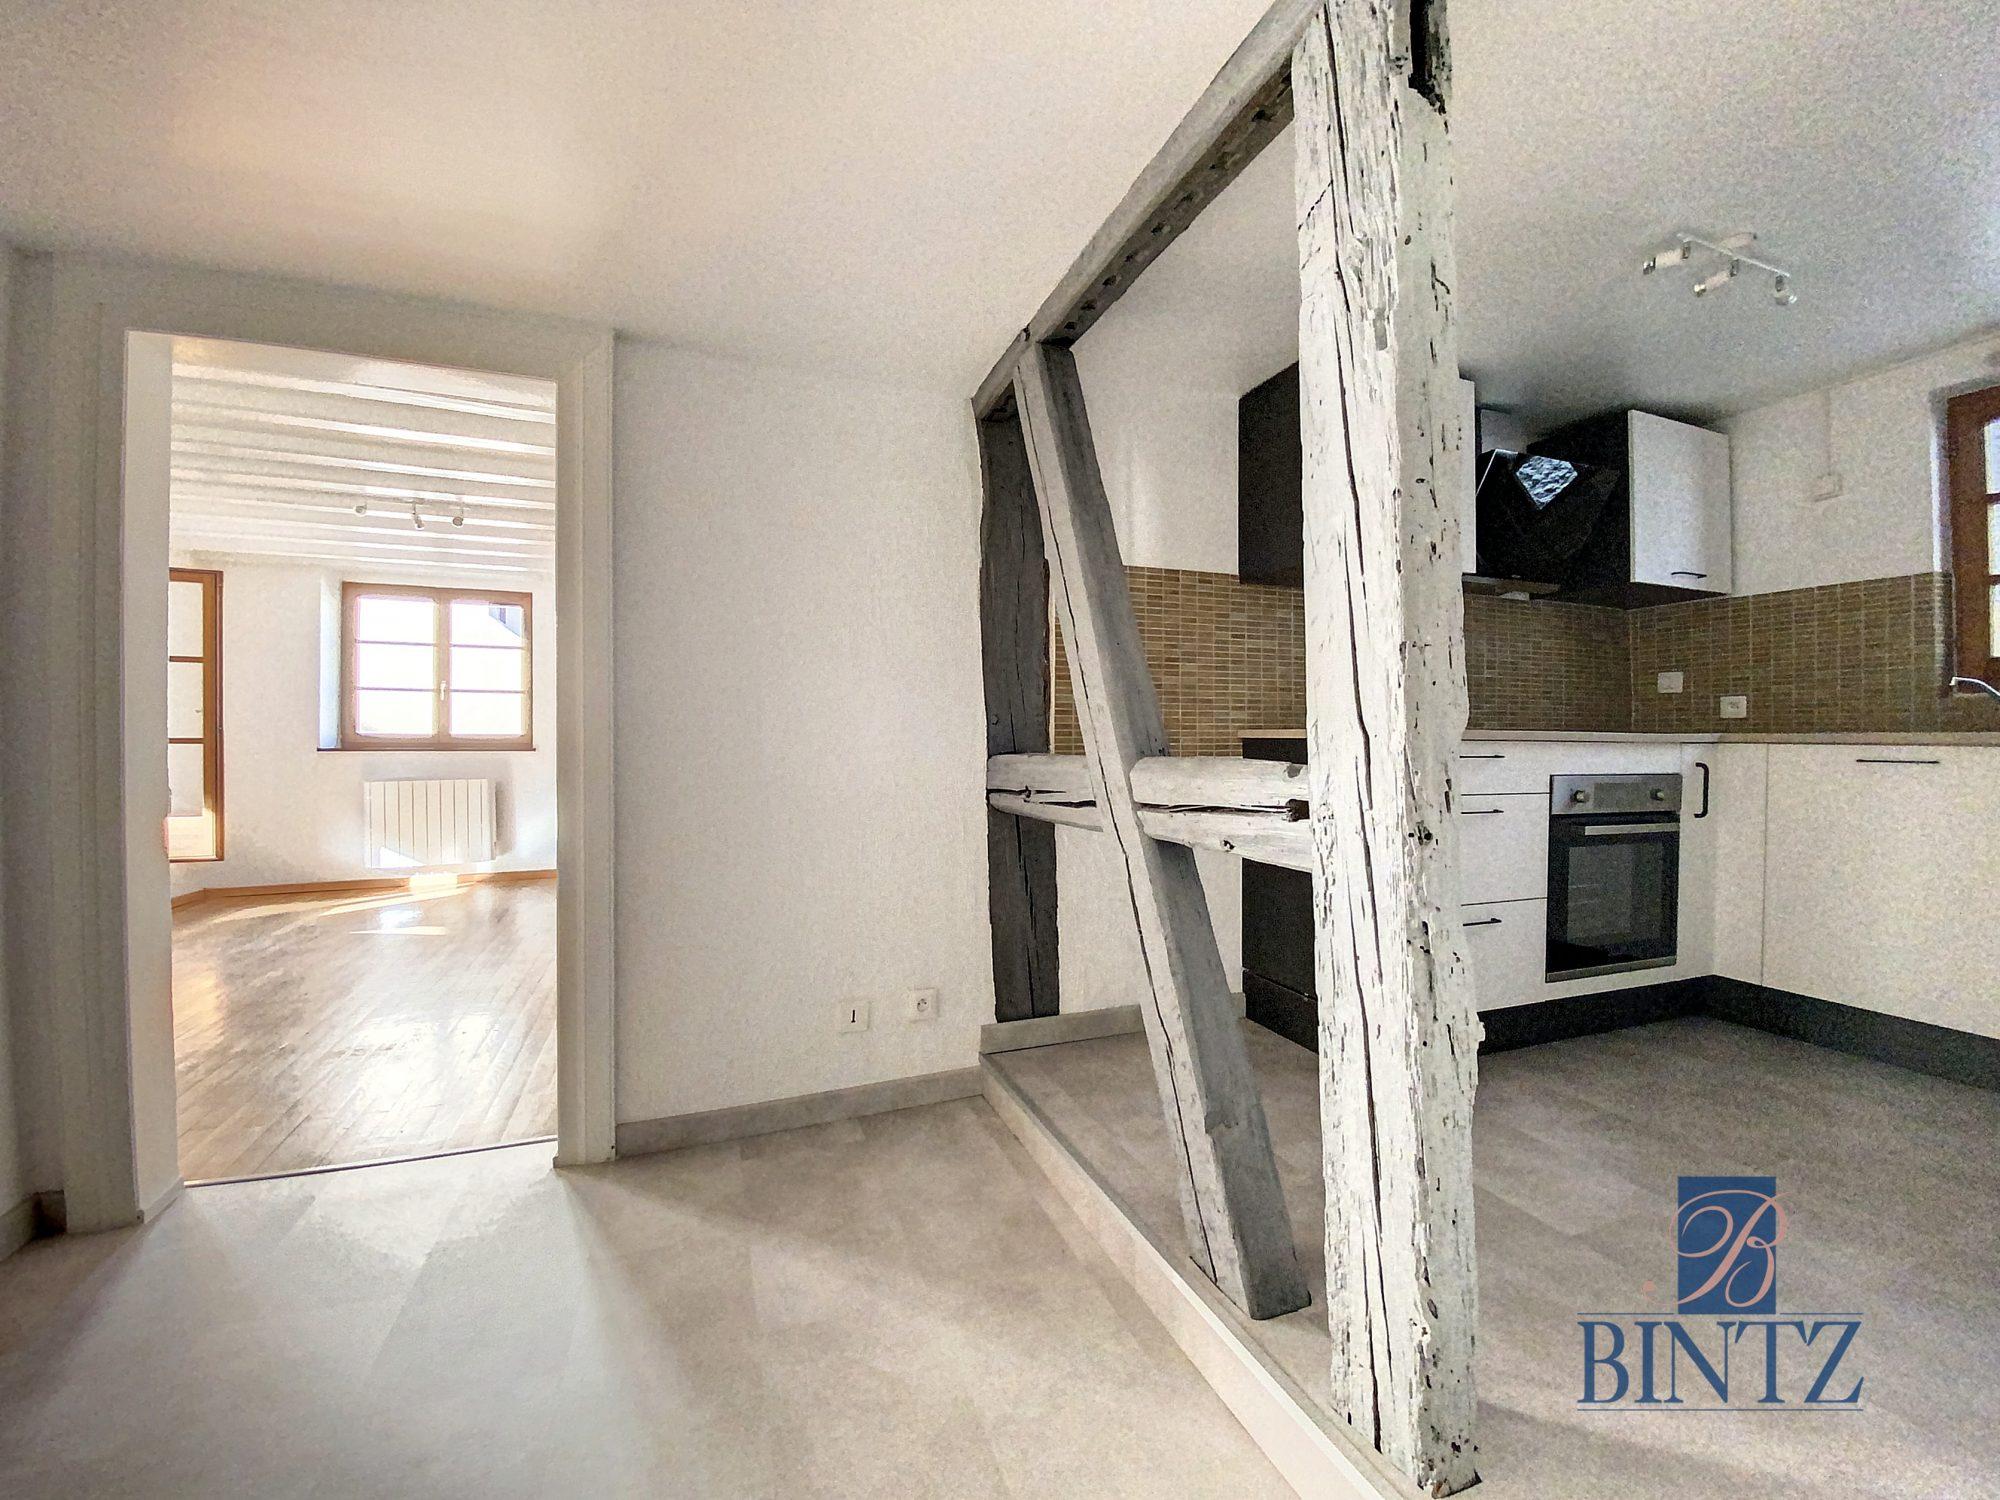 2 piècs avec Balcon au centre-ville - Devenez locataire en toute sérénité - Bintz Immobilier - 5